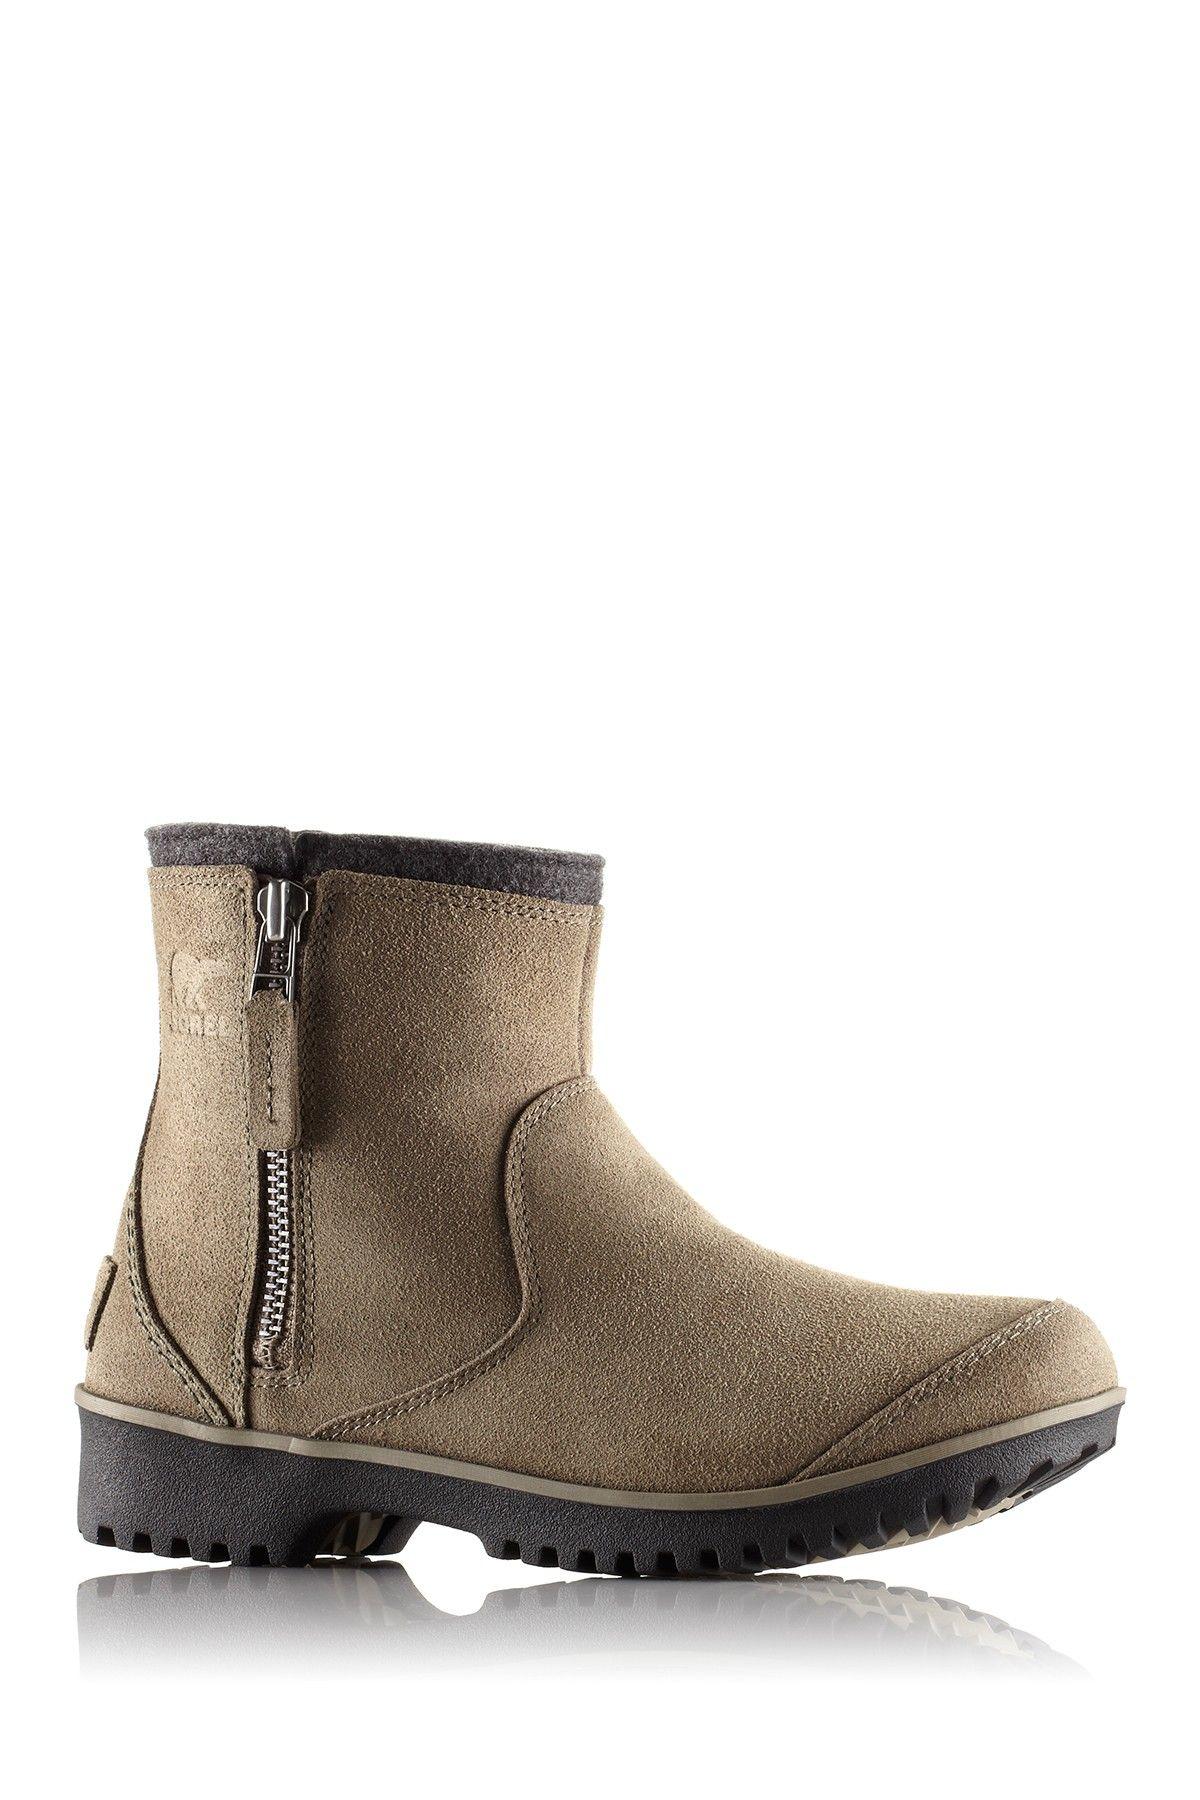 Sorel | Meadow Zip Waterproof Boot